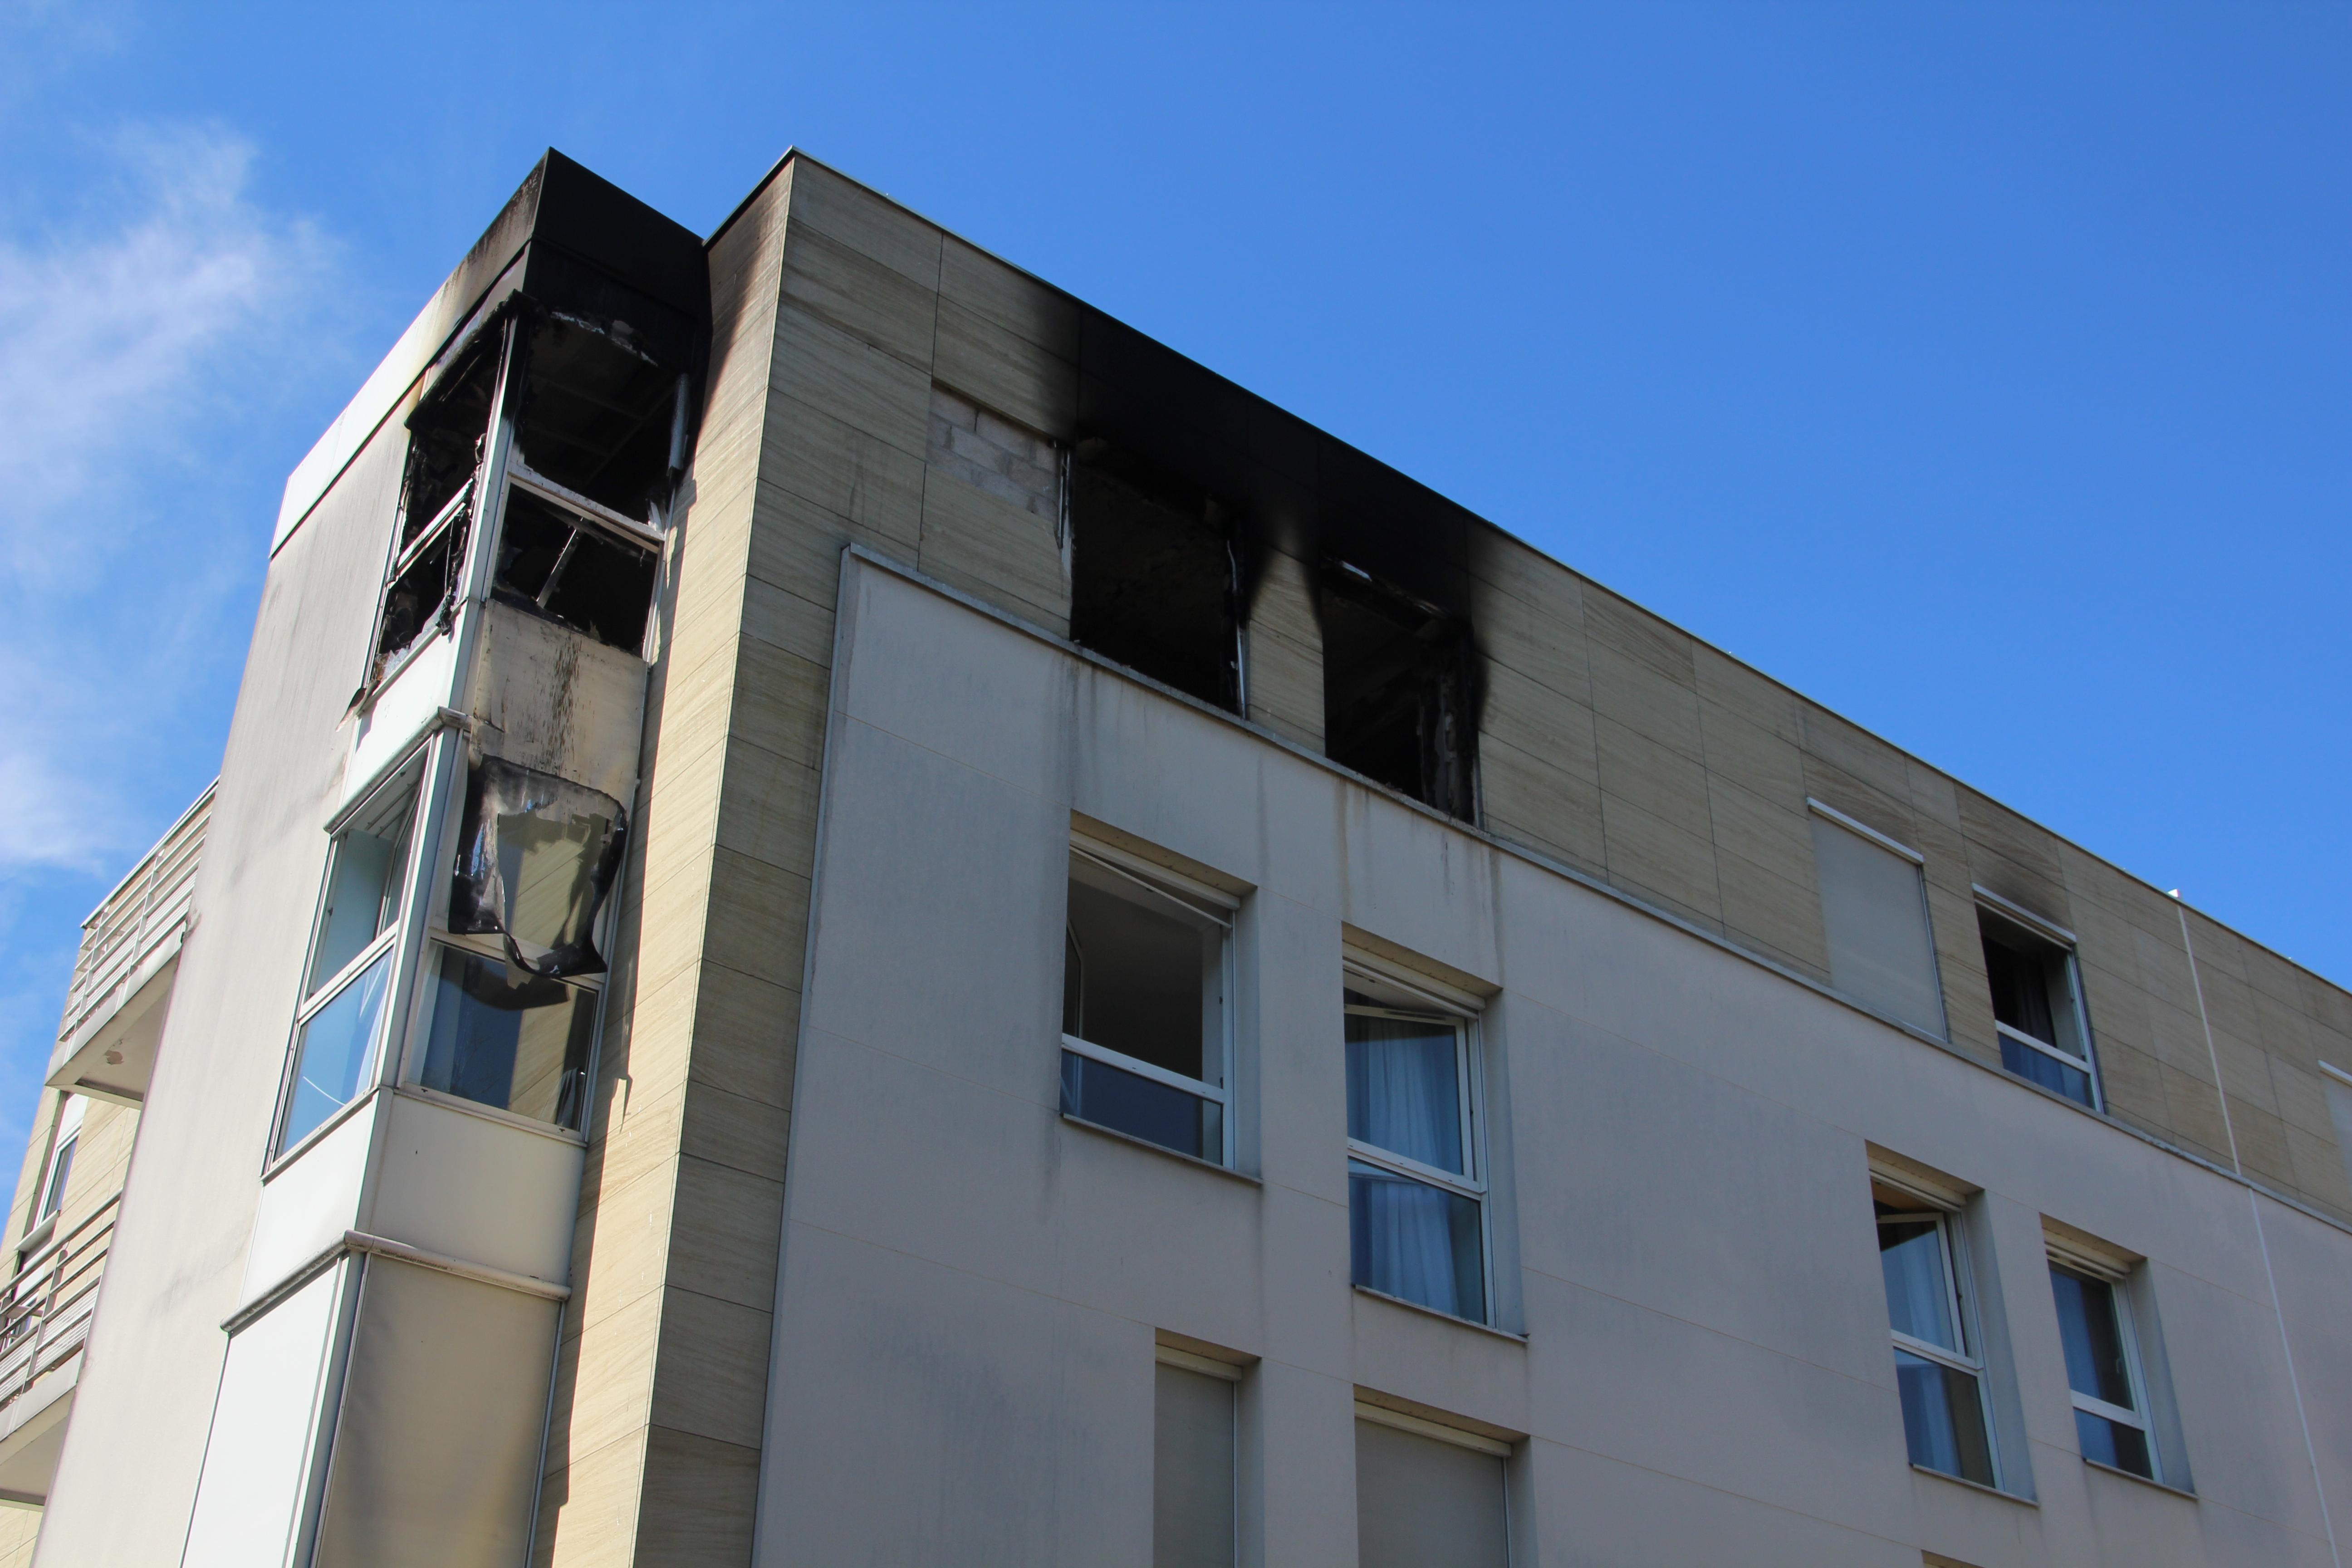 A la maison de retraite de saint maur les pensionnaires de l 39 tage qui a pris feu sont relog s for Comboulevard de creteil saint maur